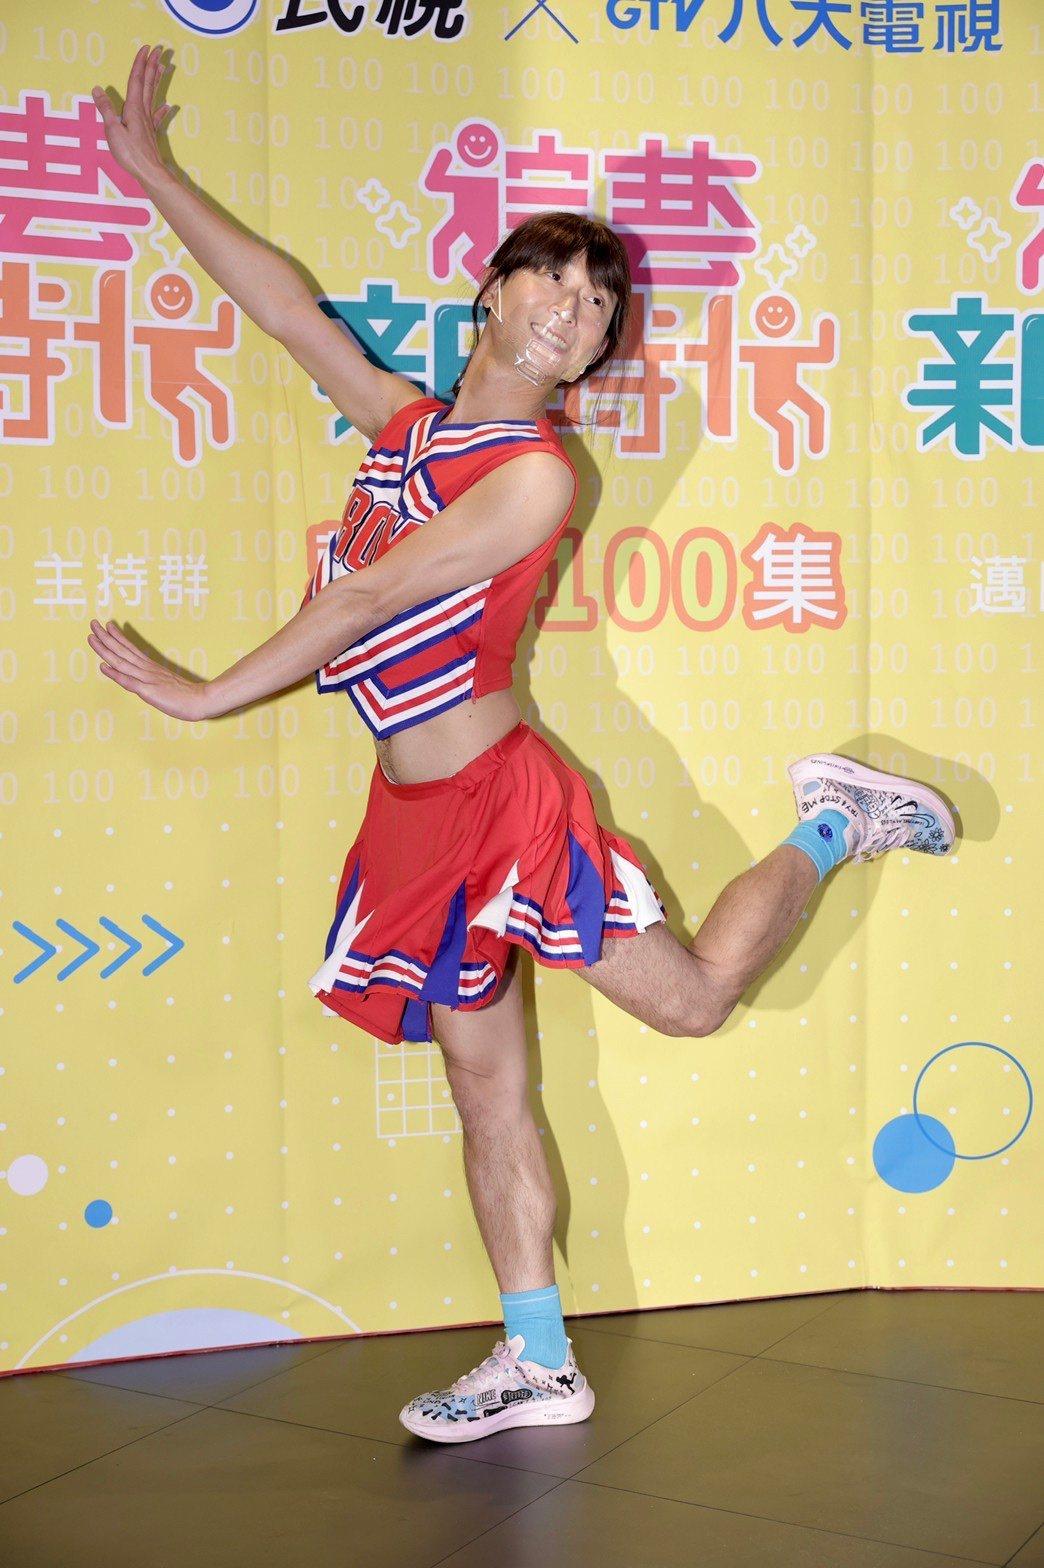 浩子的身材纖細,扮女生有獨特的韻味。記者李政龍/攝影